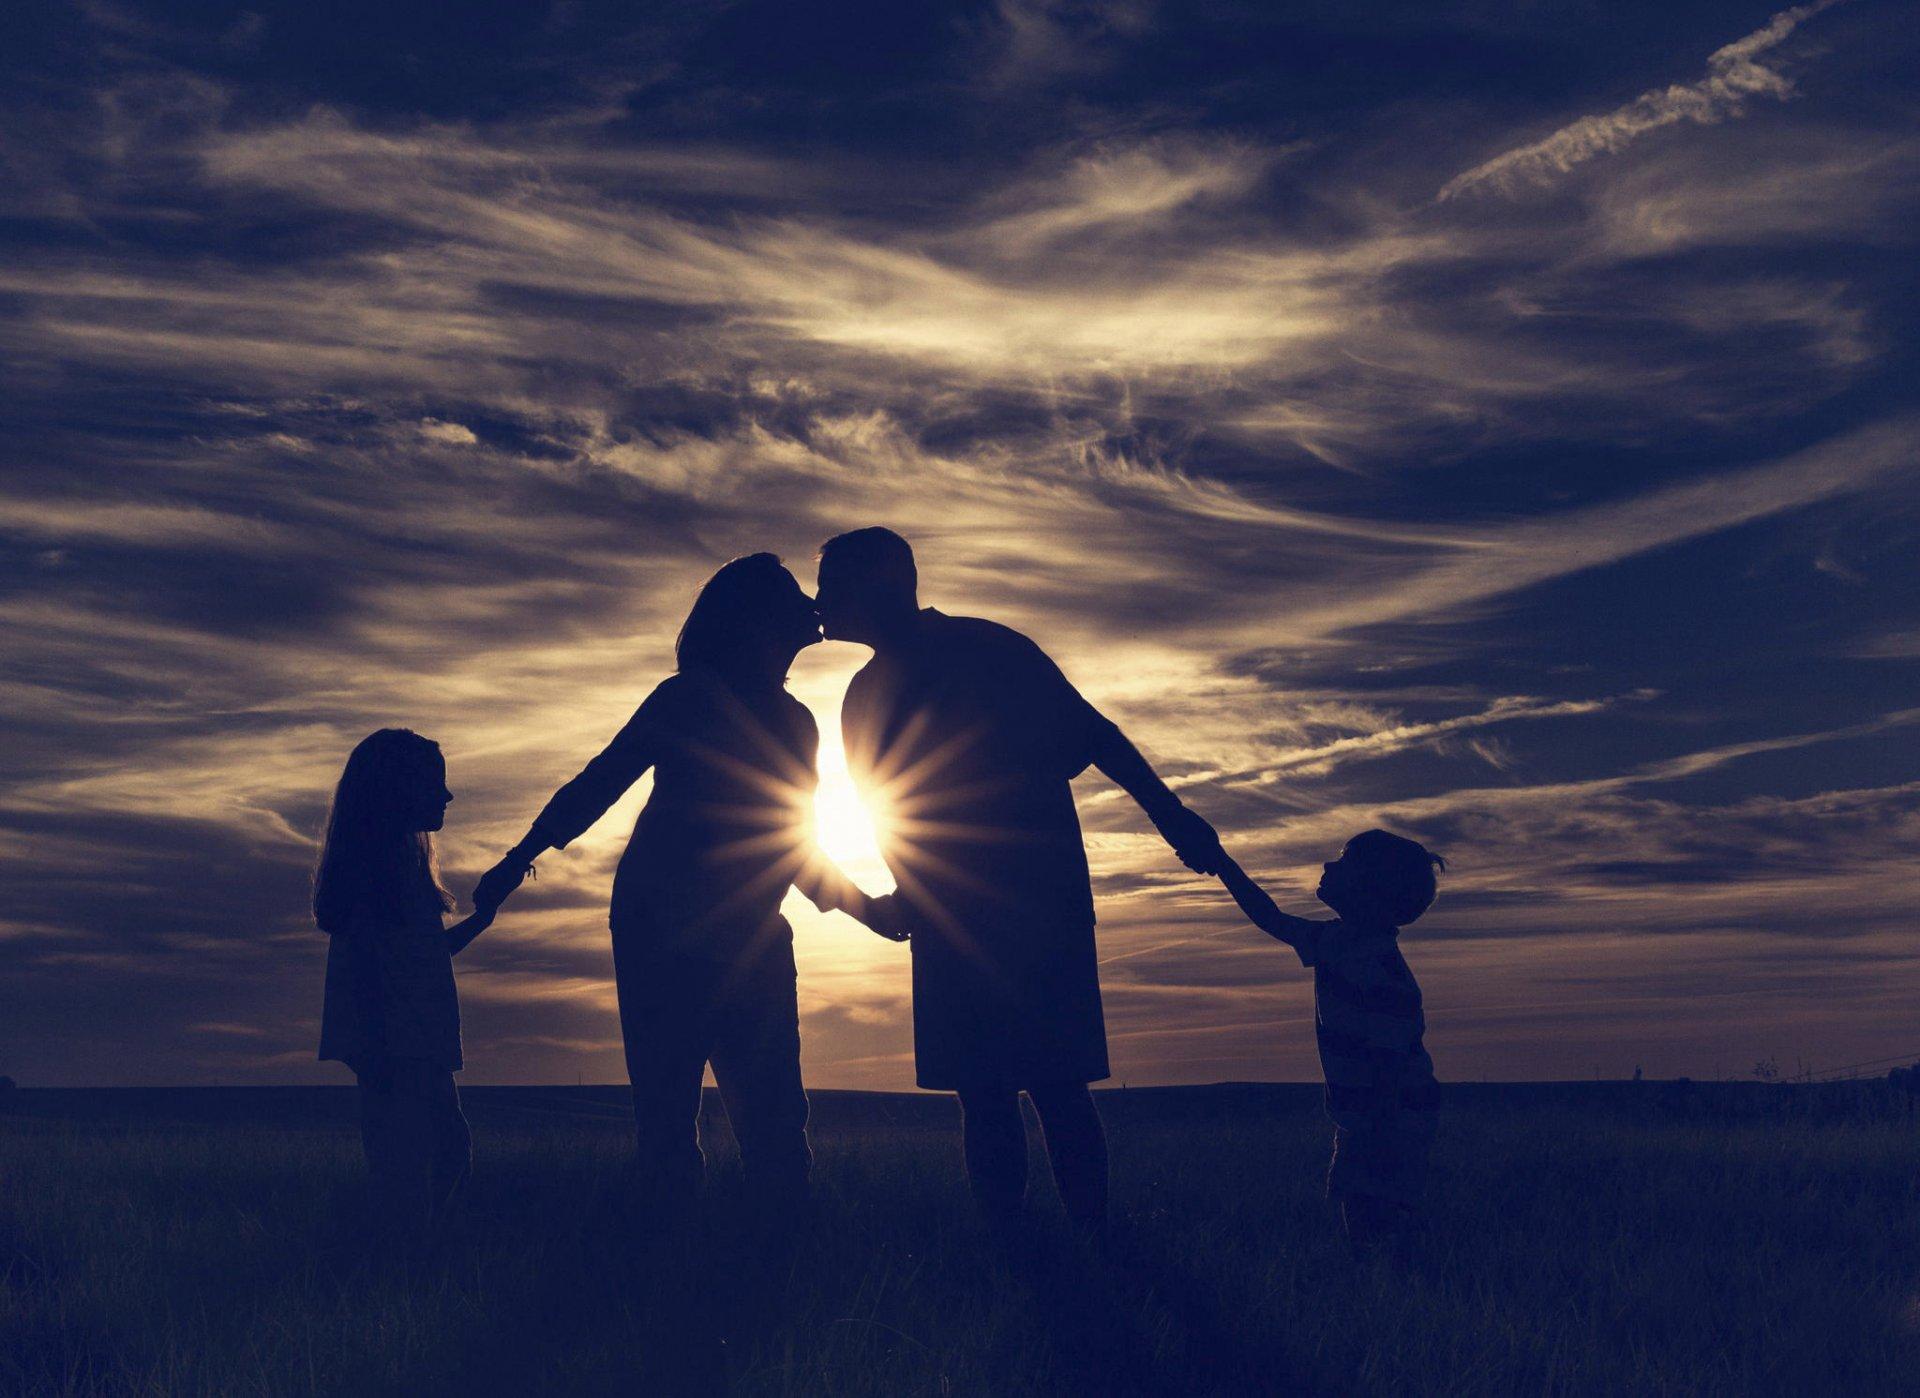 Прикольные картинки семейного счастья, простые прикольные картинки